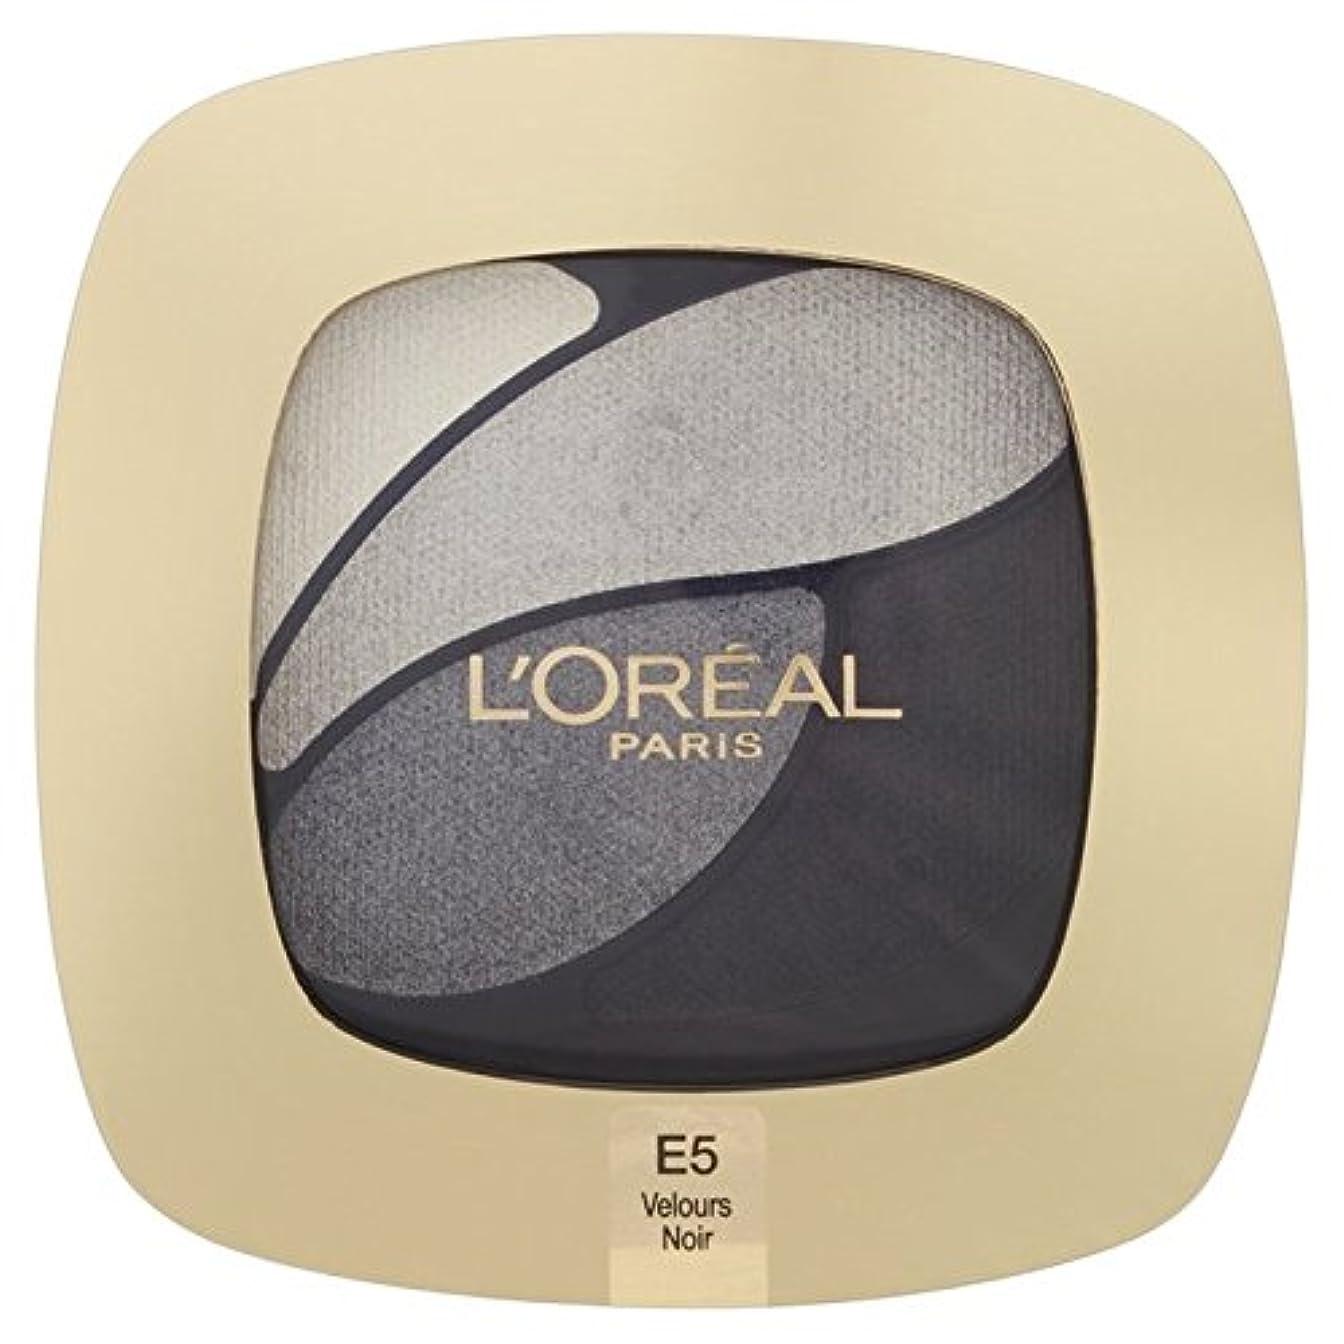 微弱プライム答えL'Oreal Paris Color Riche Quad, E5 Incredible Grey 30g - ロレアルパリのカラーリッシュクワッド、5信じられないほどの灰色の30グラム [並行輸入品]